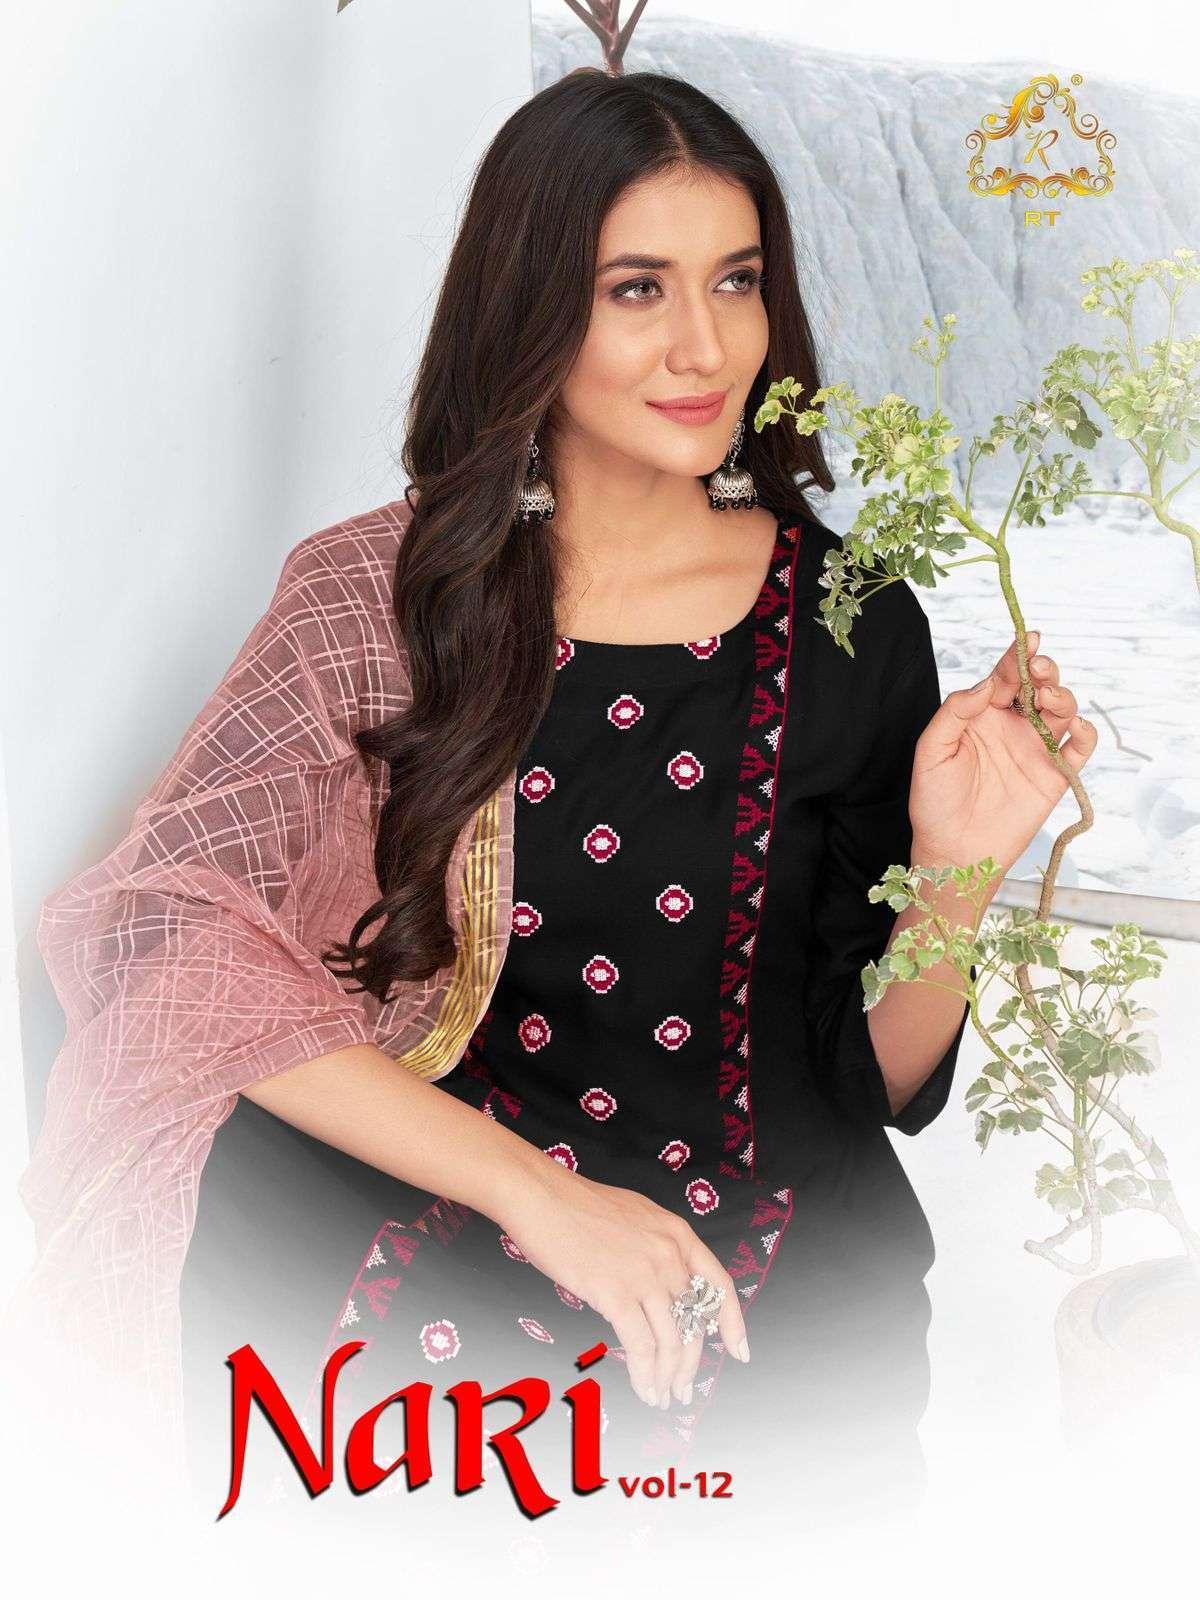 Nari Vol-12 Designer Rayon Slub Kurti With Banarasi Dupatta Set By Rijiya Trends